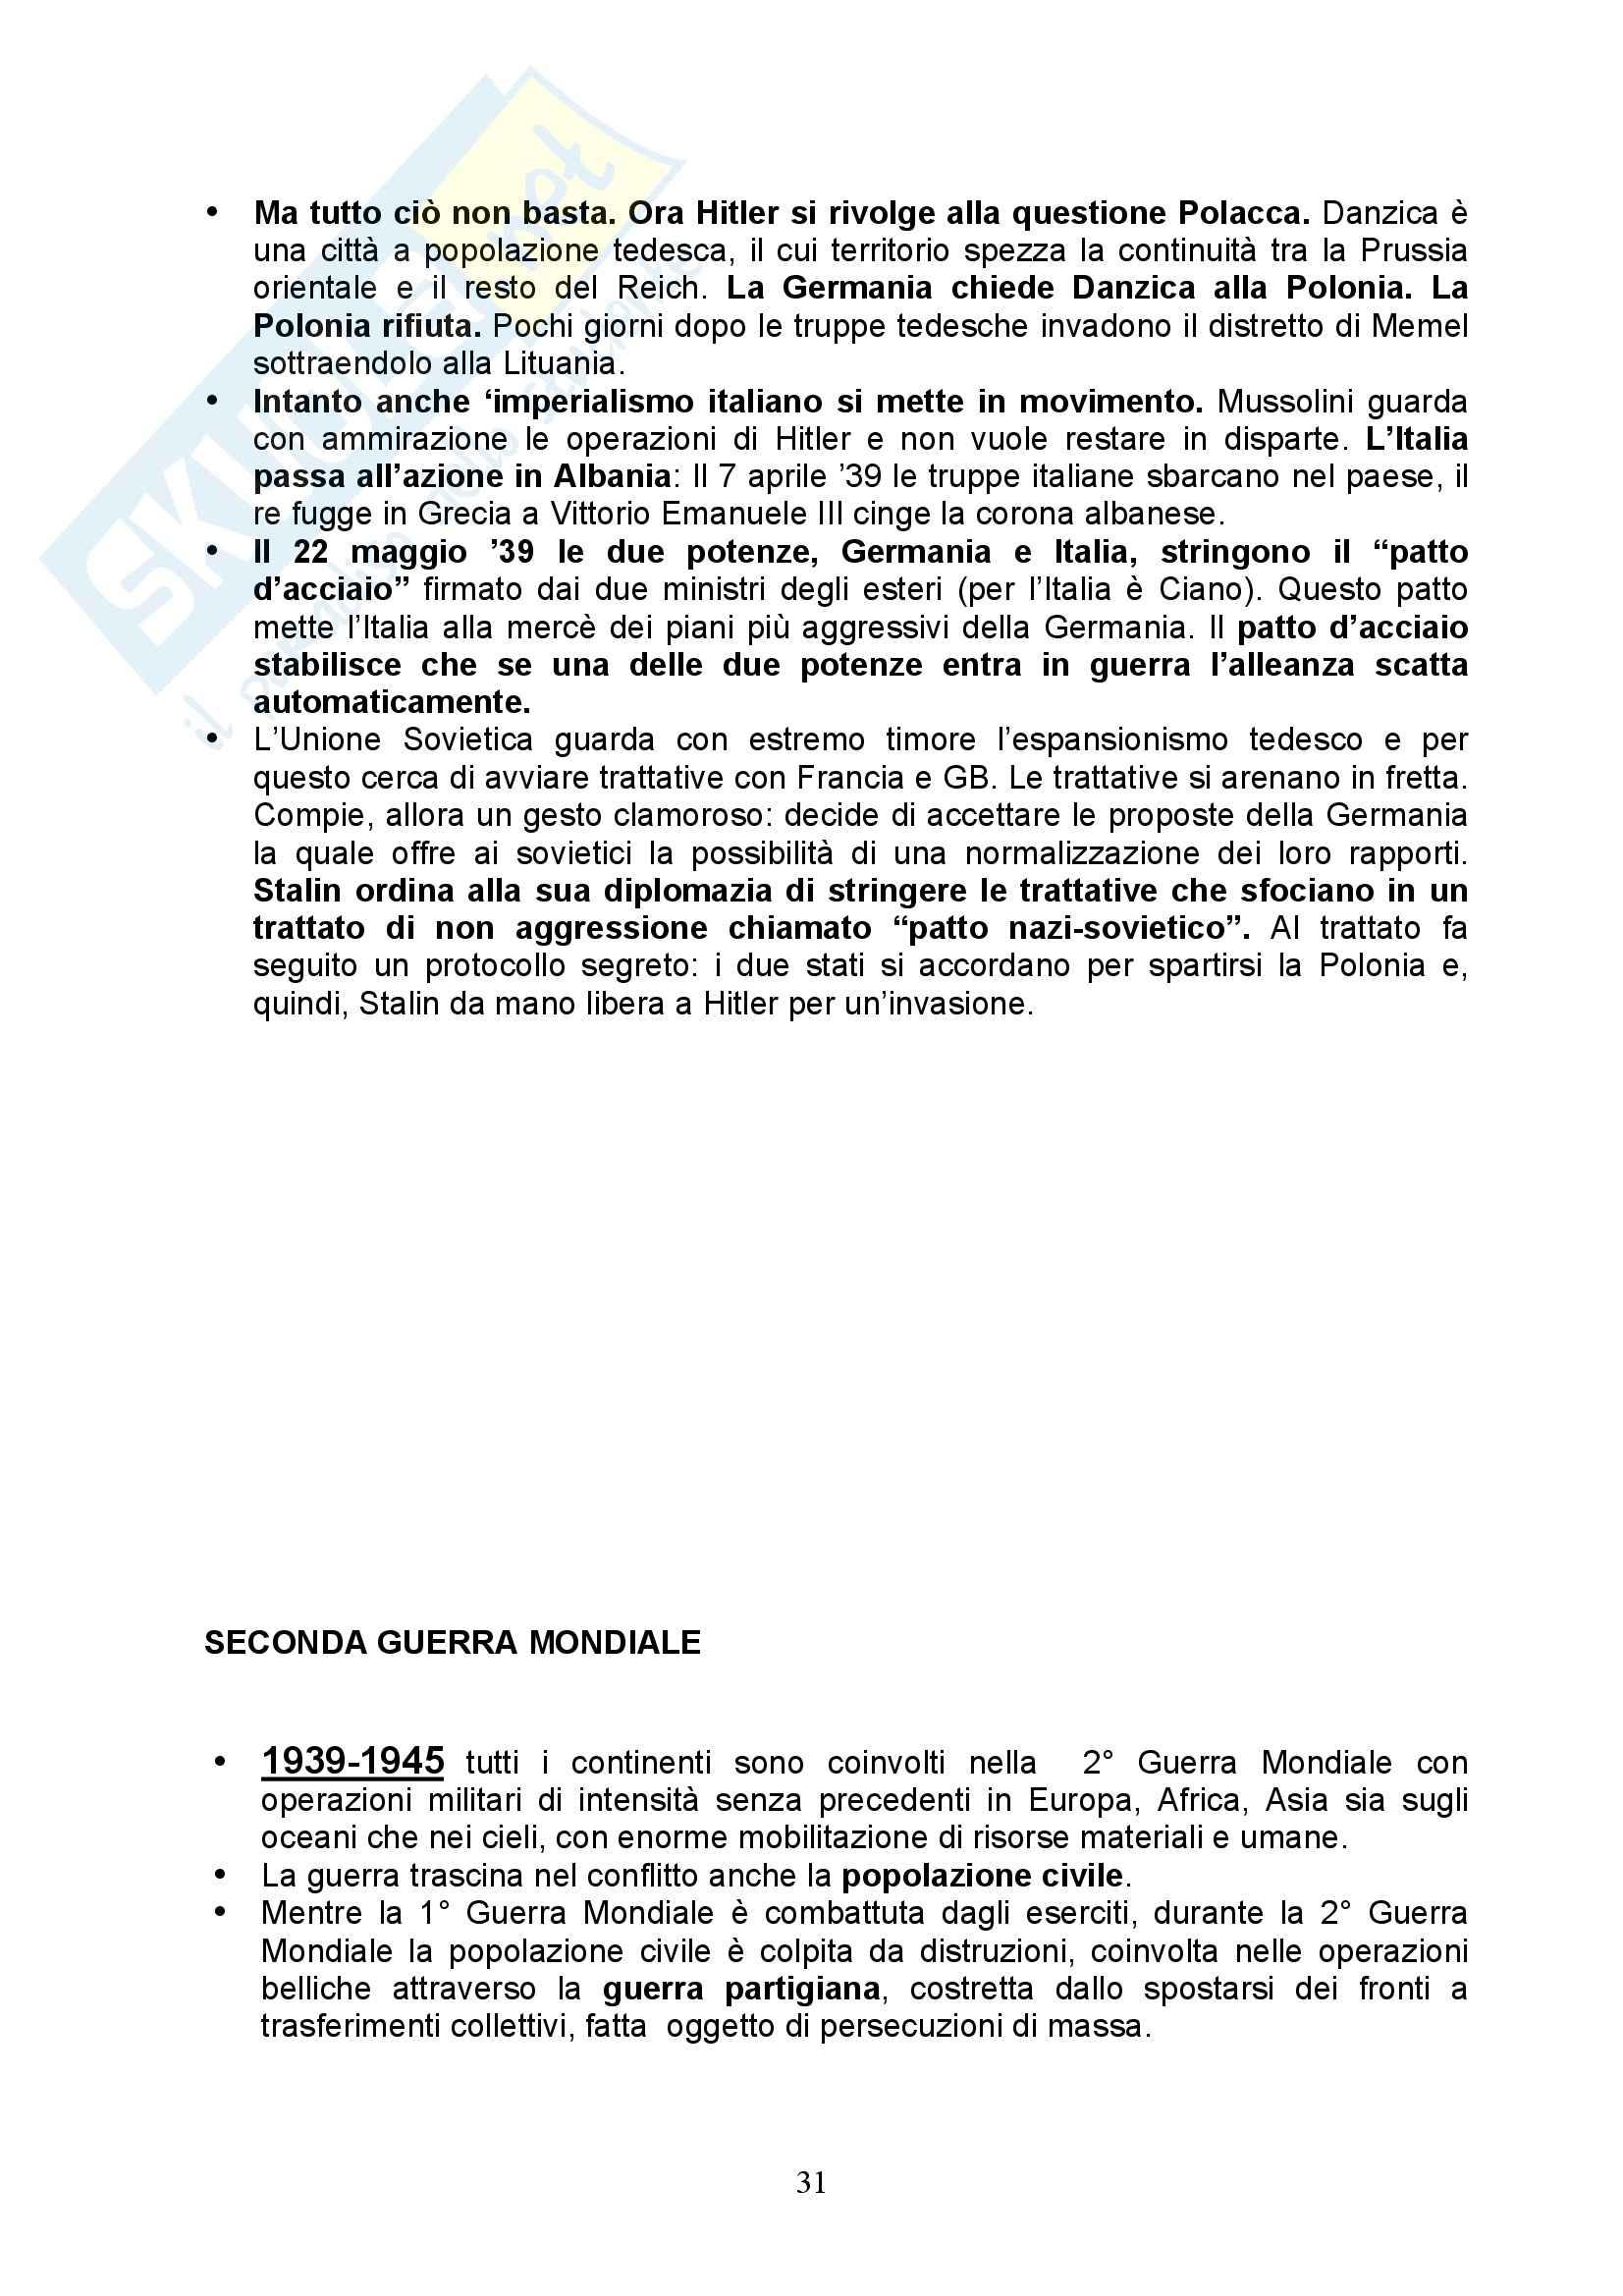 Storia Contemporanea - Italia nell'800 e 900 Pag. 31